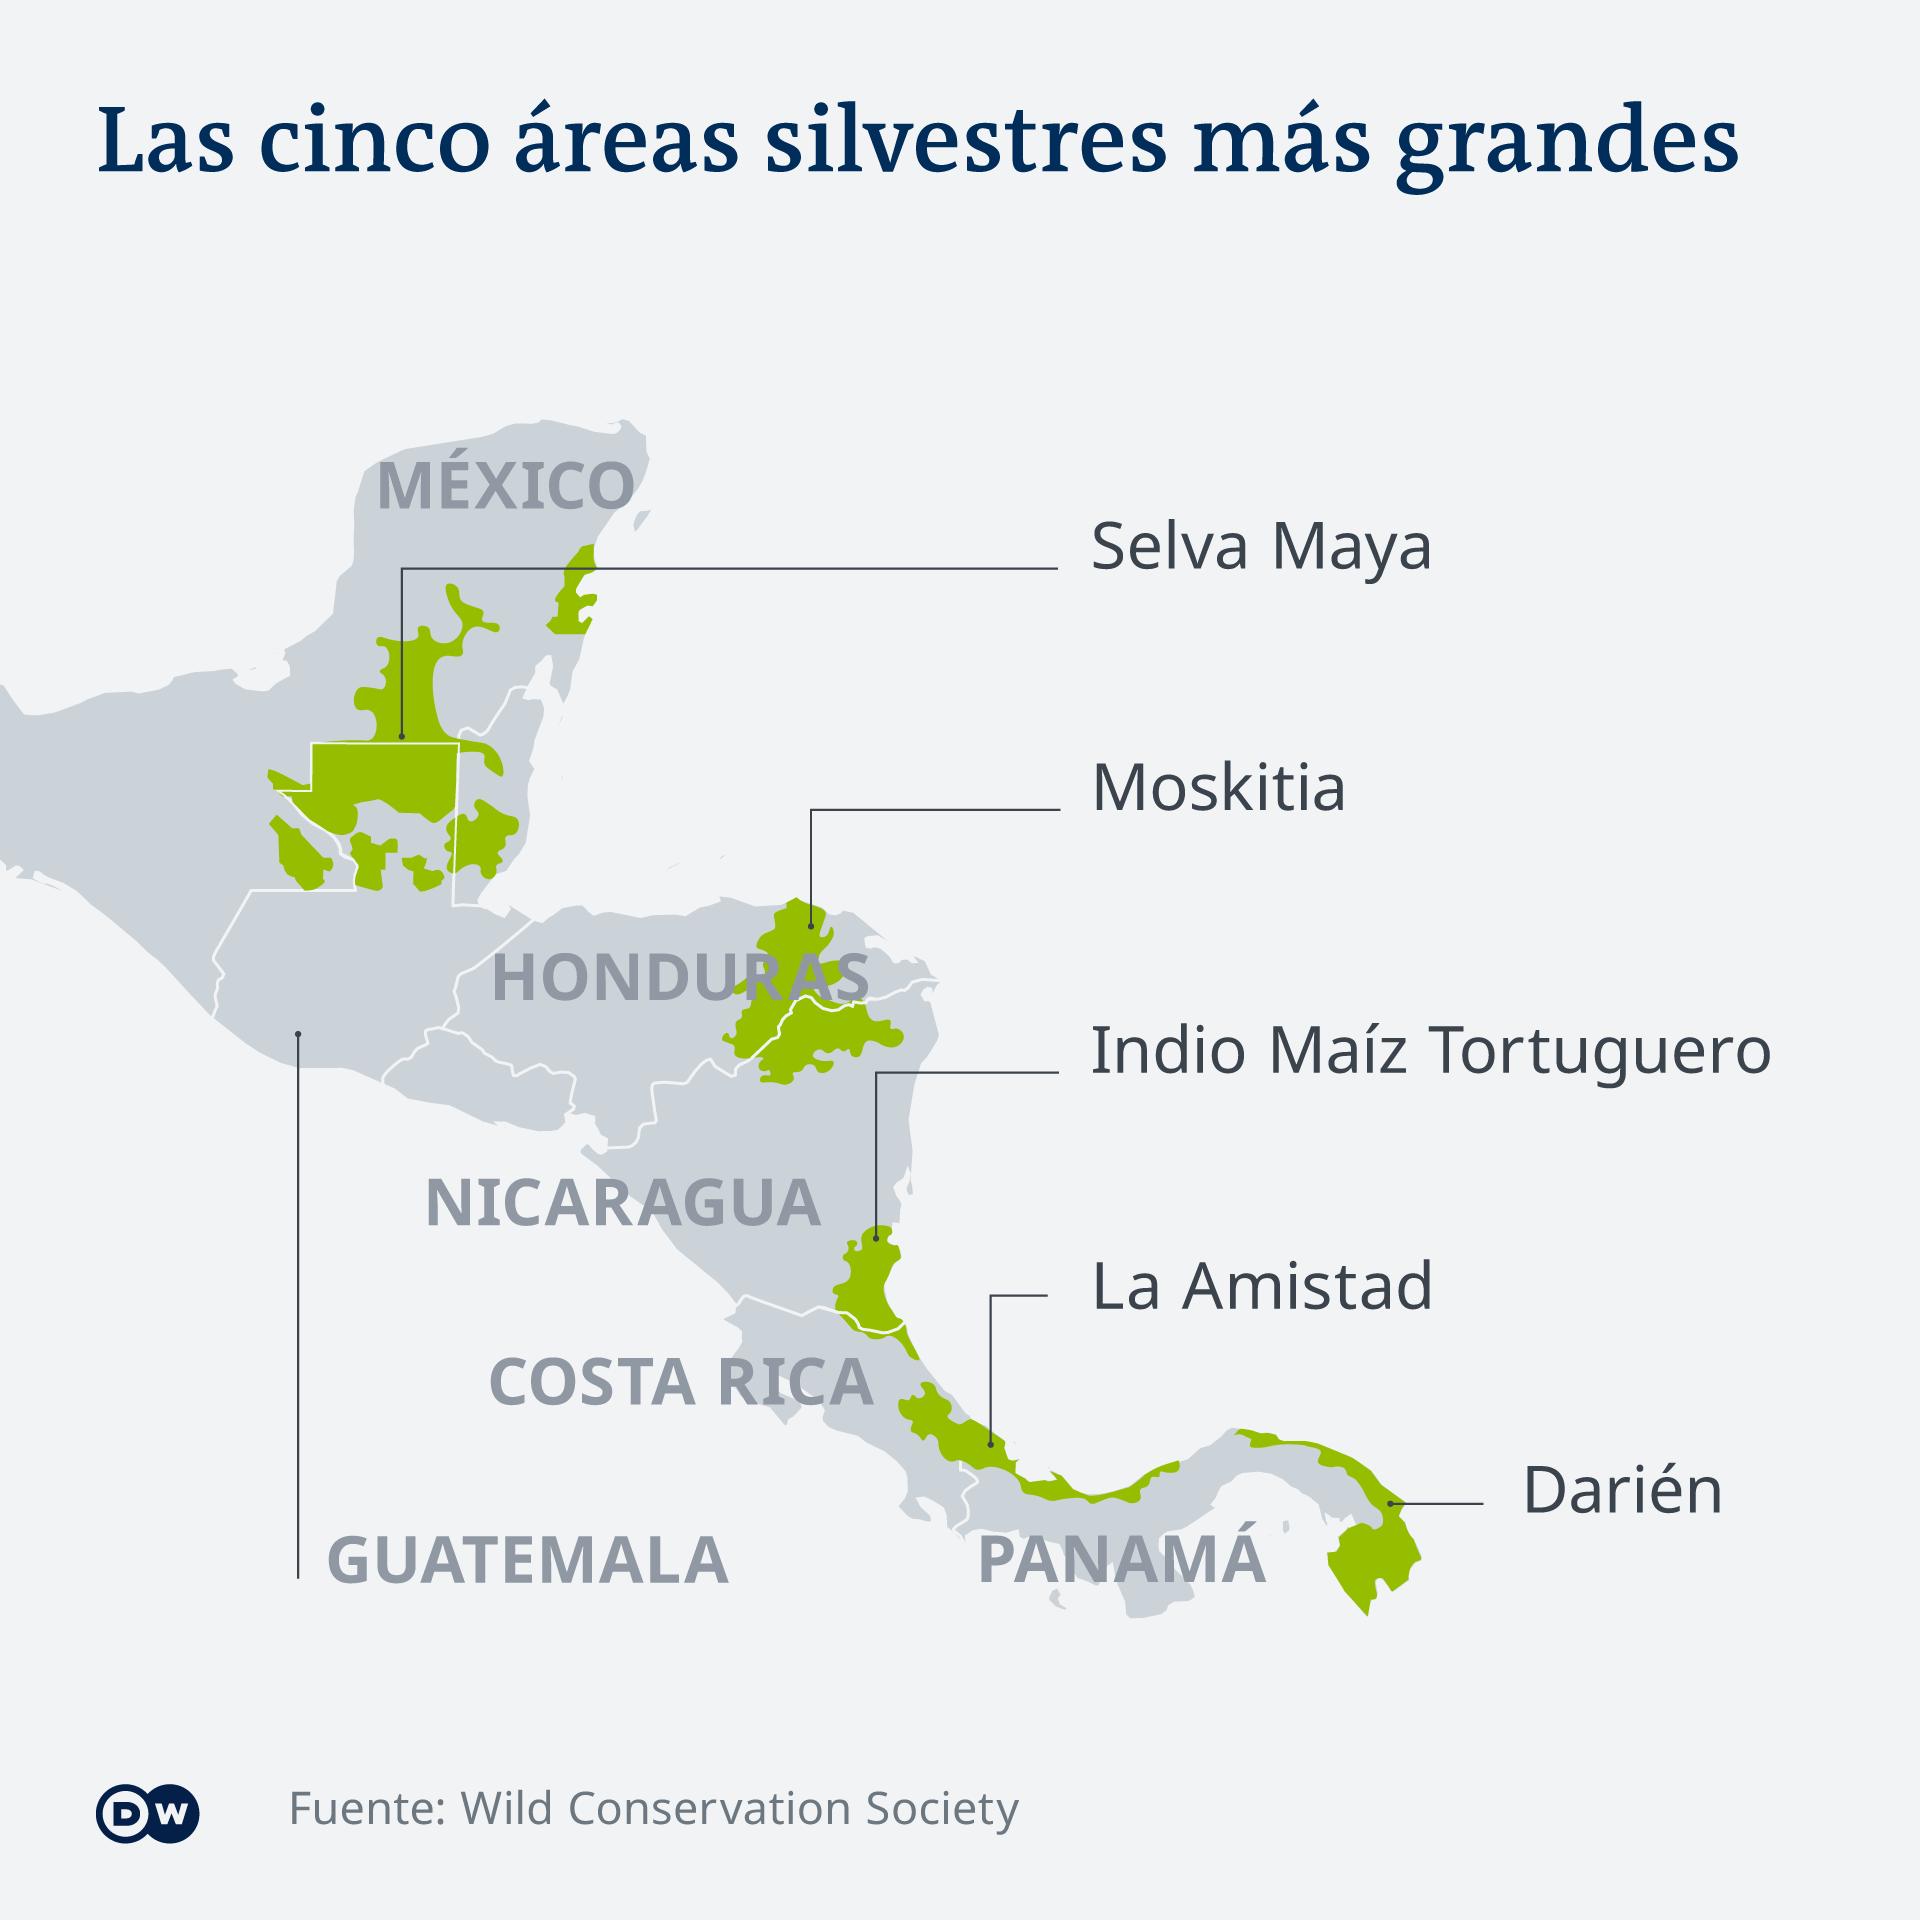 Los cinco bosques más grandes de Mesoamérica tienen más de 127.000 kilómetros cuadrados, una extensión tres veces mayor que la de Suiza y cinco veces que la de El Salvador.